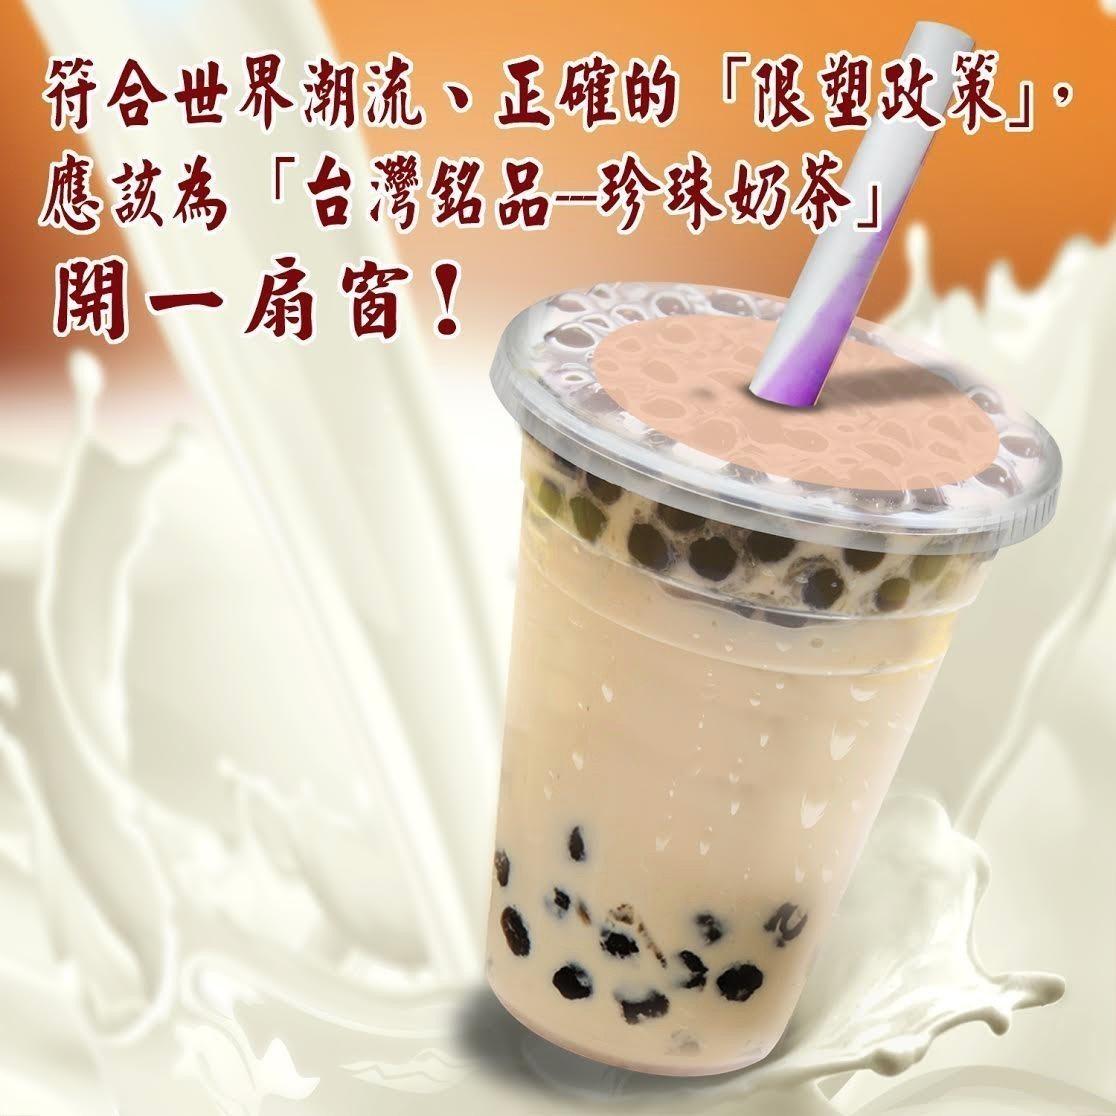 義美總經理高志明為台灣珍珠奶茶請命,籲限塑政策不該是鐵板一塊。 圖╱義美提供